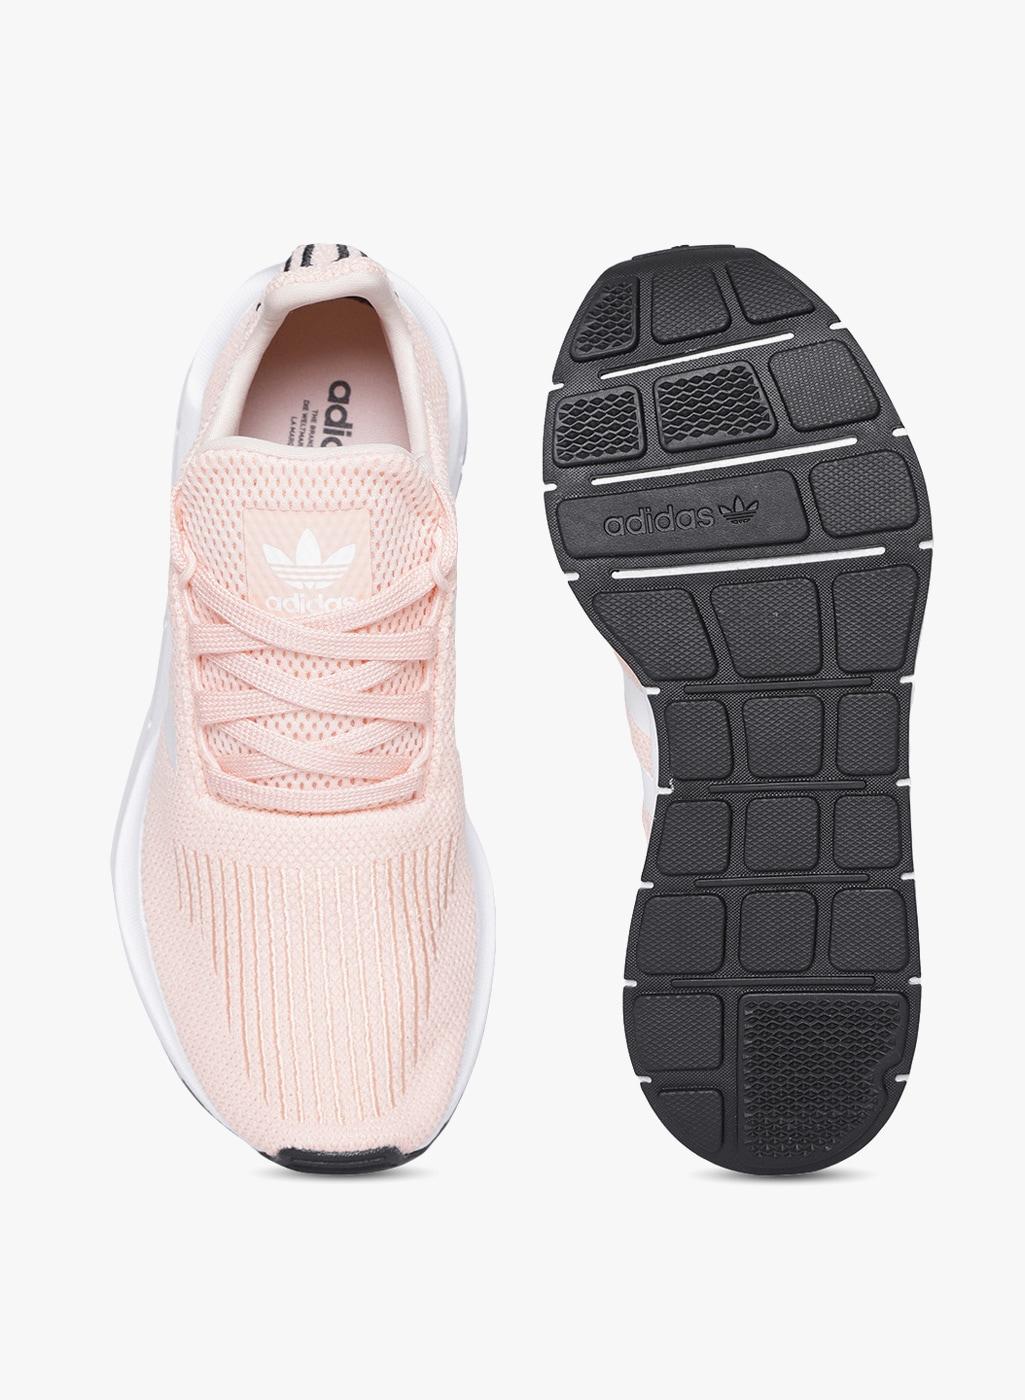 ce583875c650 Adidas Originals - Buy Adidas Originals online in India - Jabong